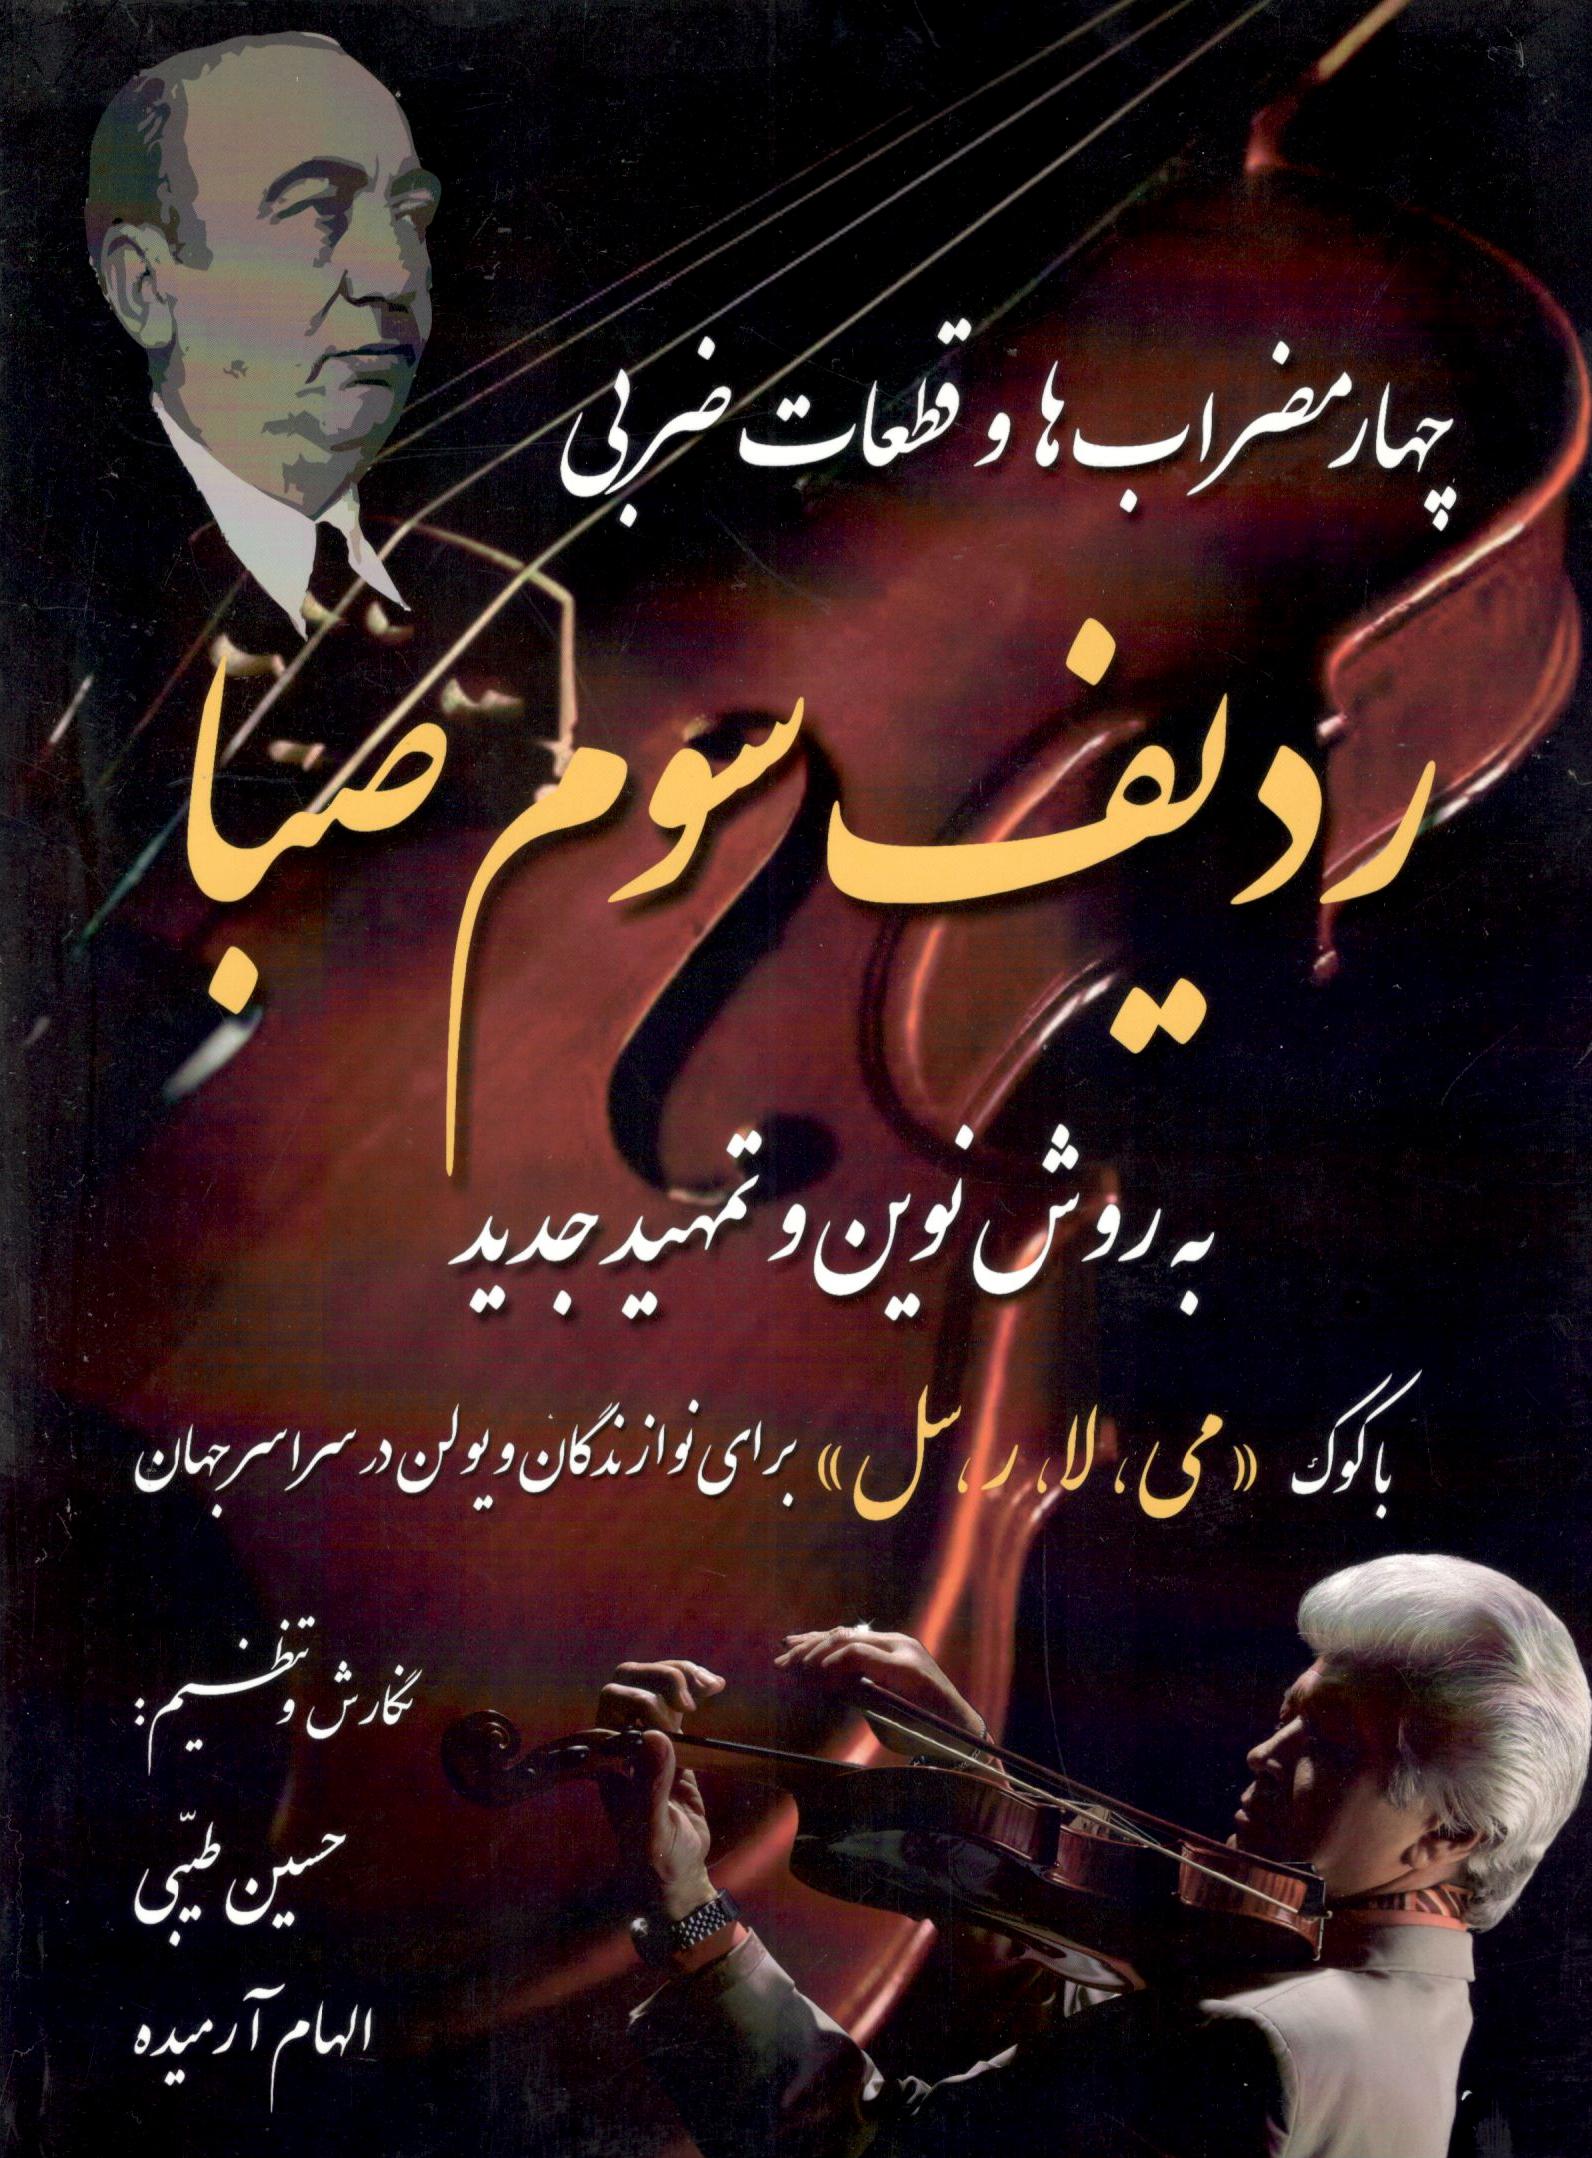 چهار مضرابها و قطعات ضربی ردیف سوم صبا حسین طبیبی و الهام آرمیده